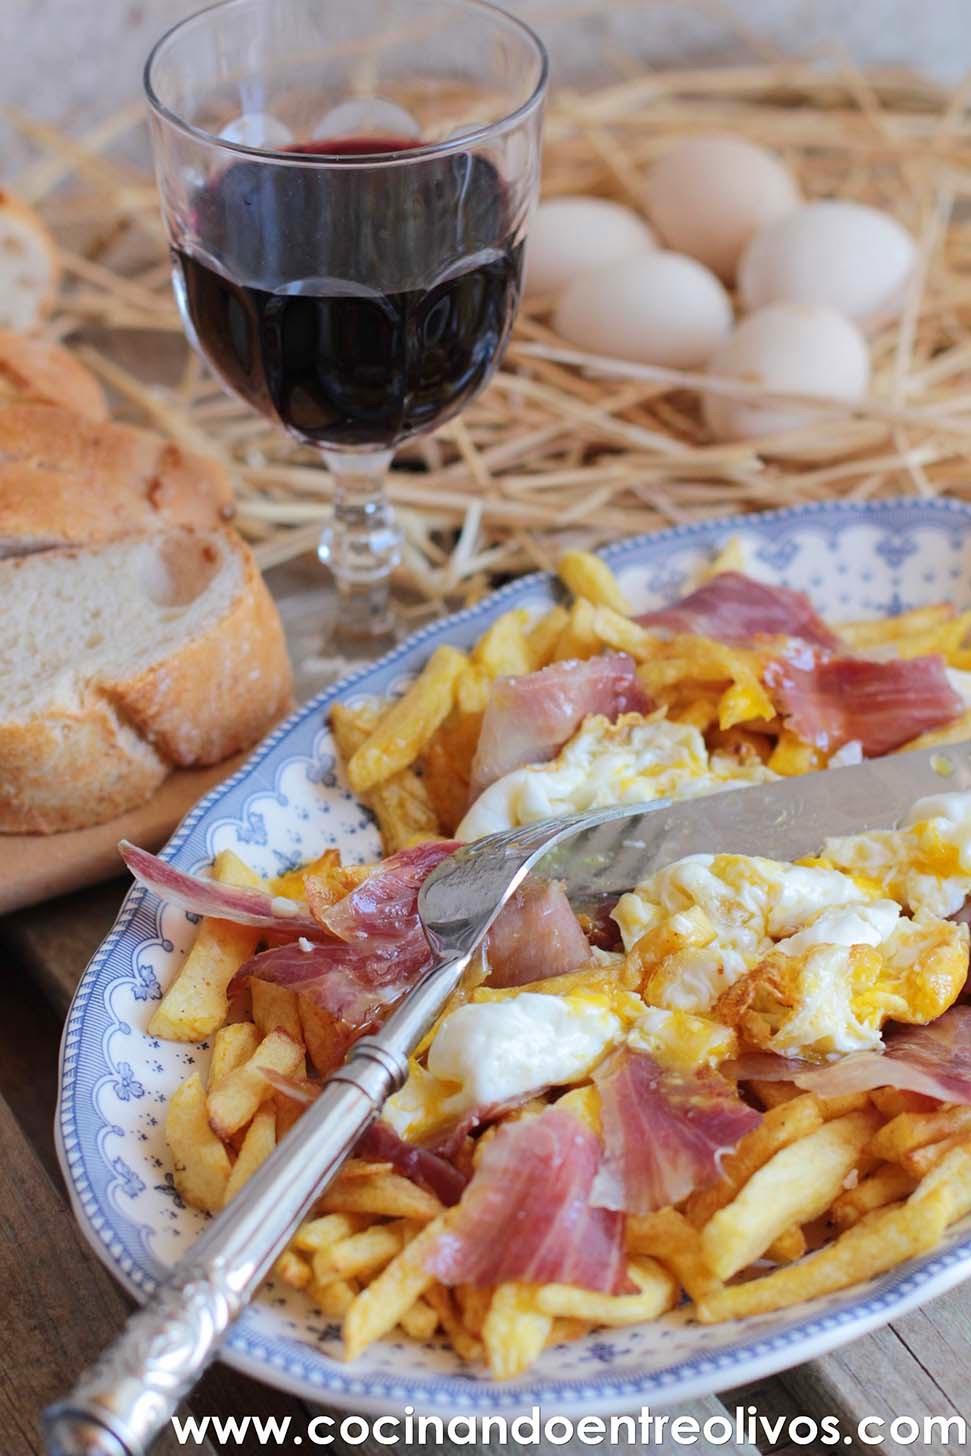 Cocinando entre olivos huevos rotos con patatas y jam n for Cocinando 1000 huevos